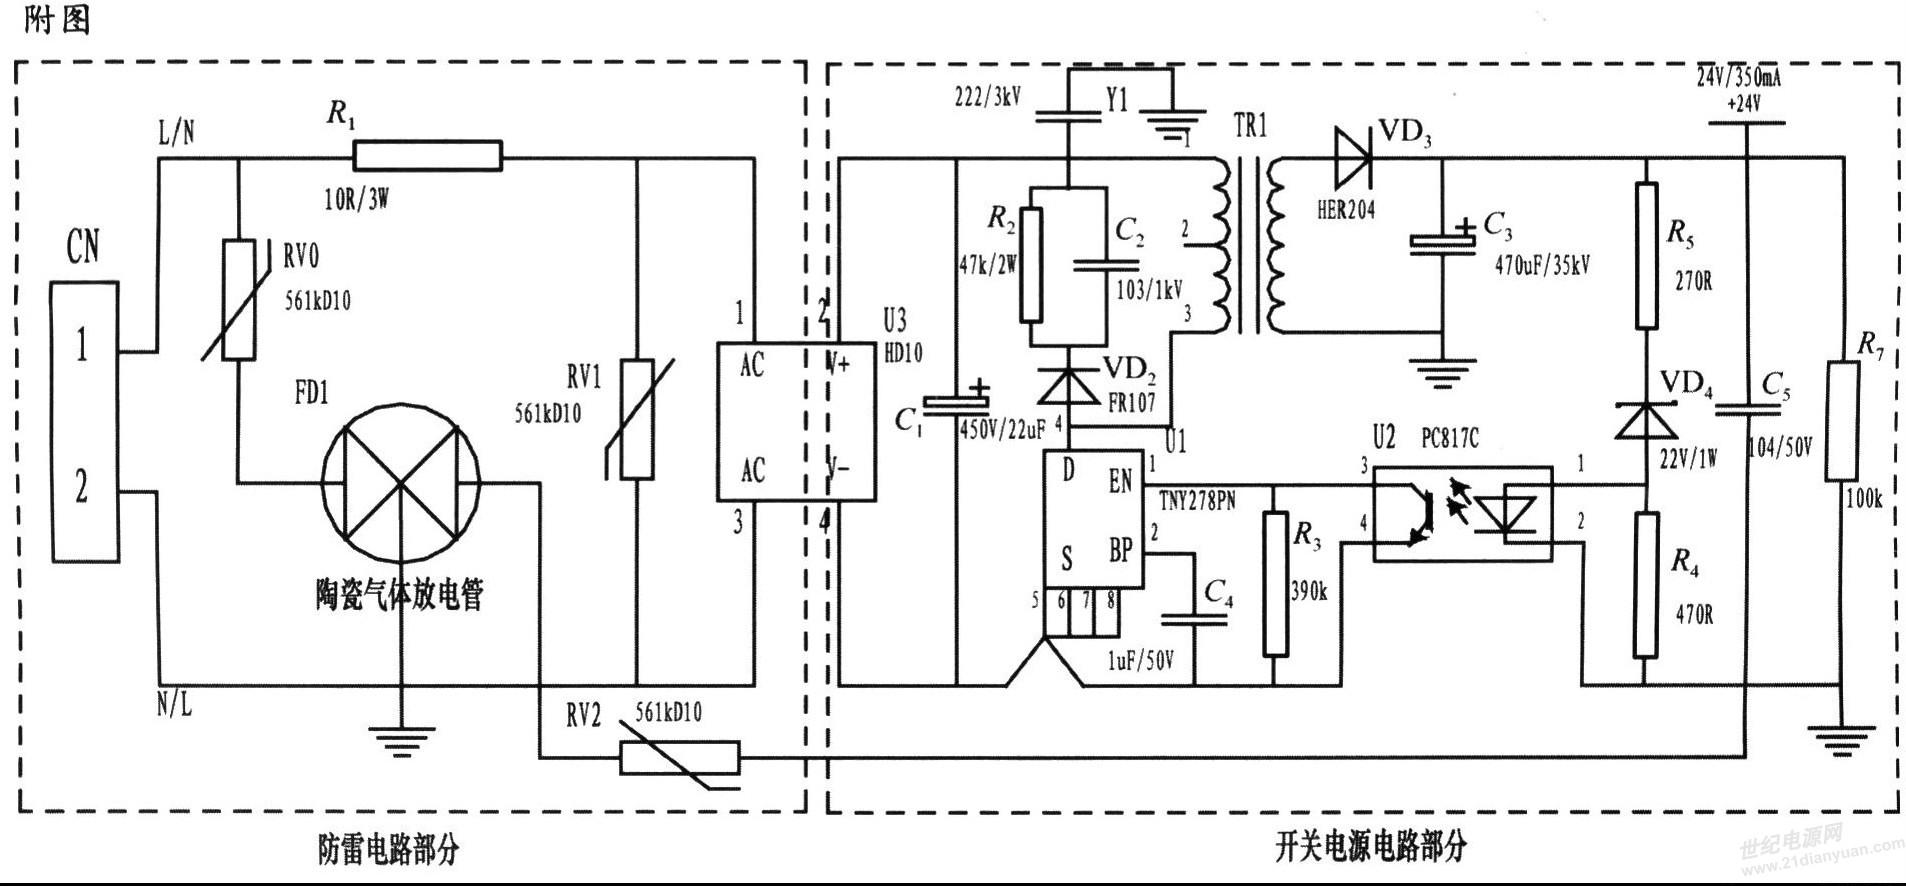 你这个玻封的放电管穿在电路 作用机理能讲下吗